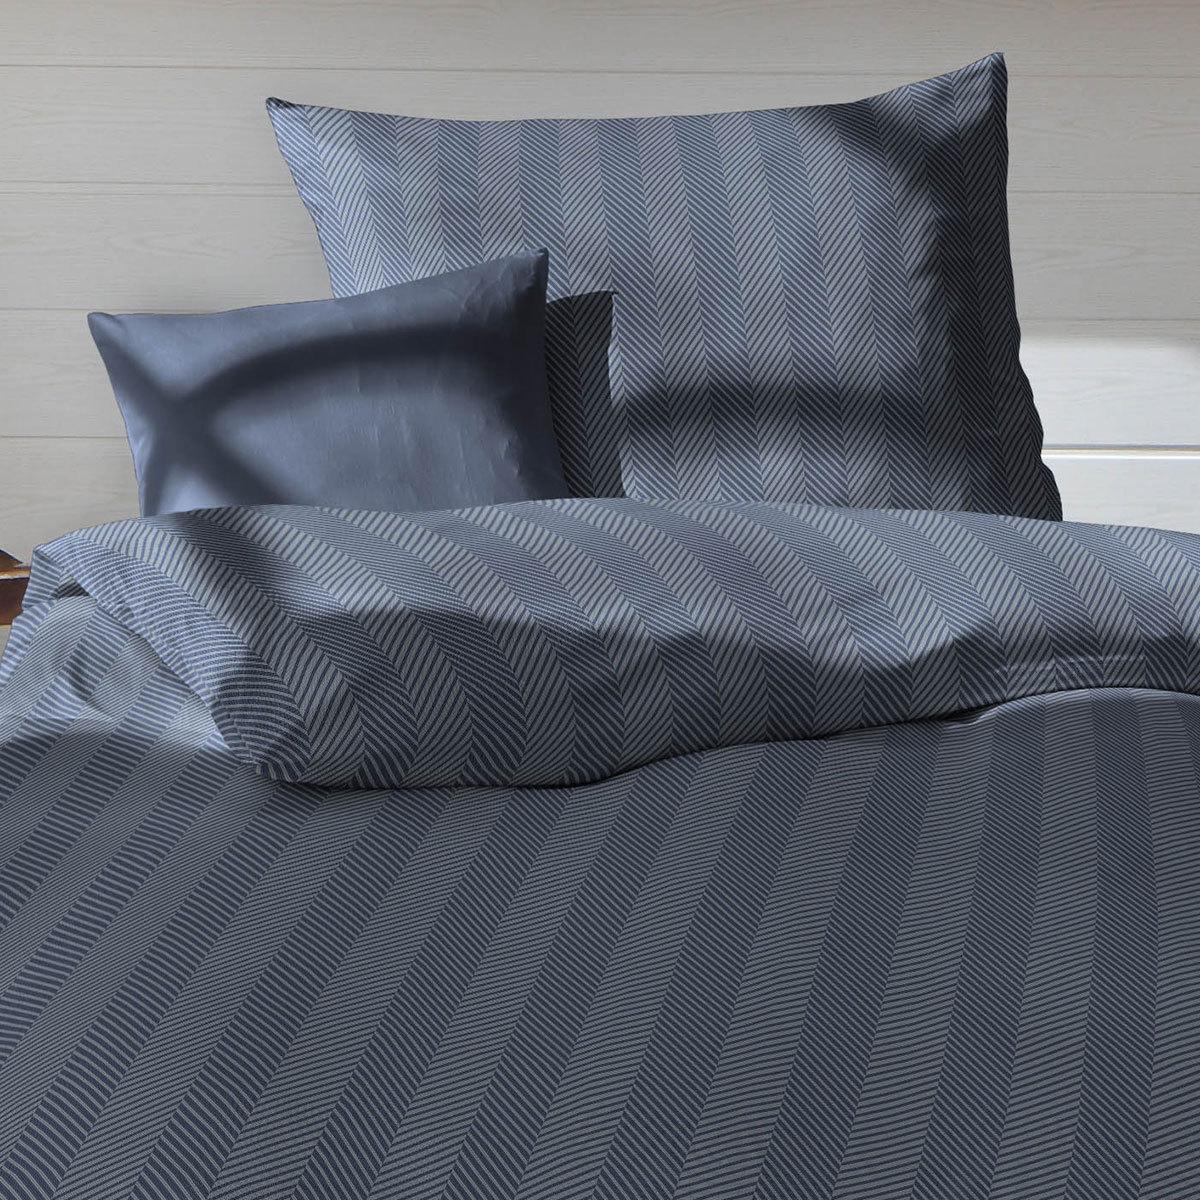 fleuresse edelflanell bettw sche 603738 02 indigo g nstig online kaufen bei bettwaren shop. Black Bedroom Furniture Sets. Home Design Ideas